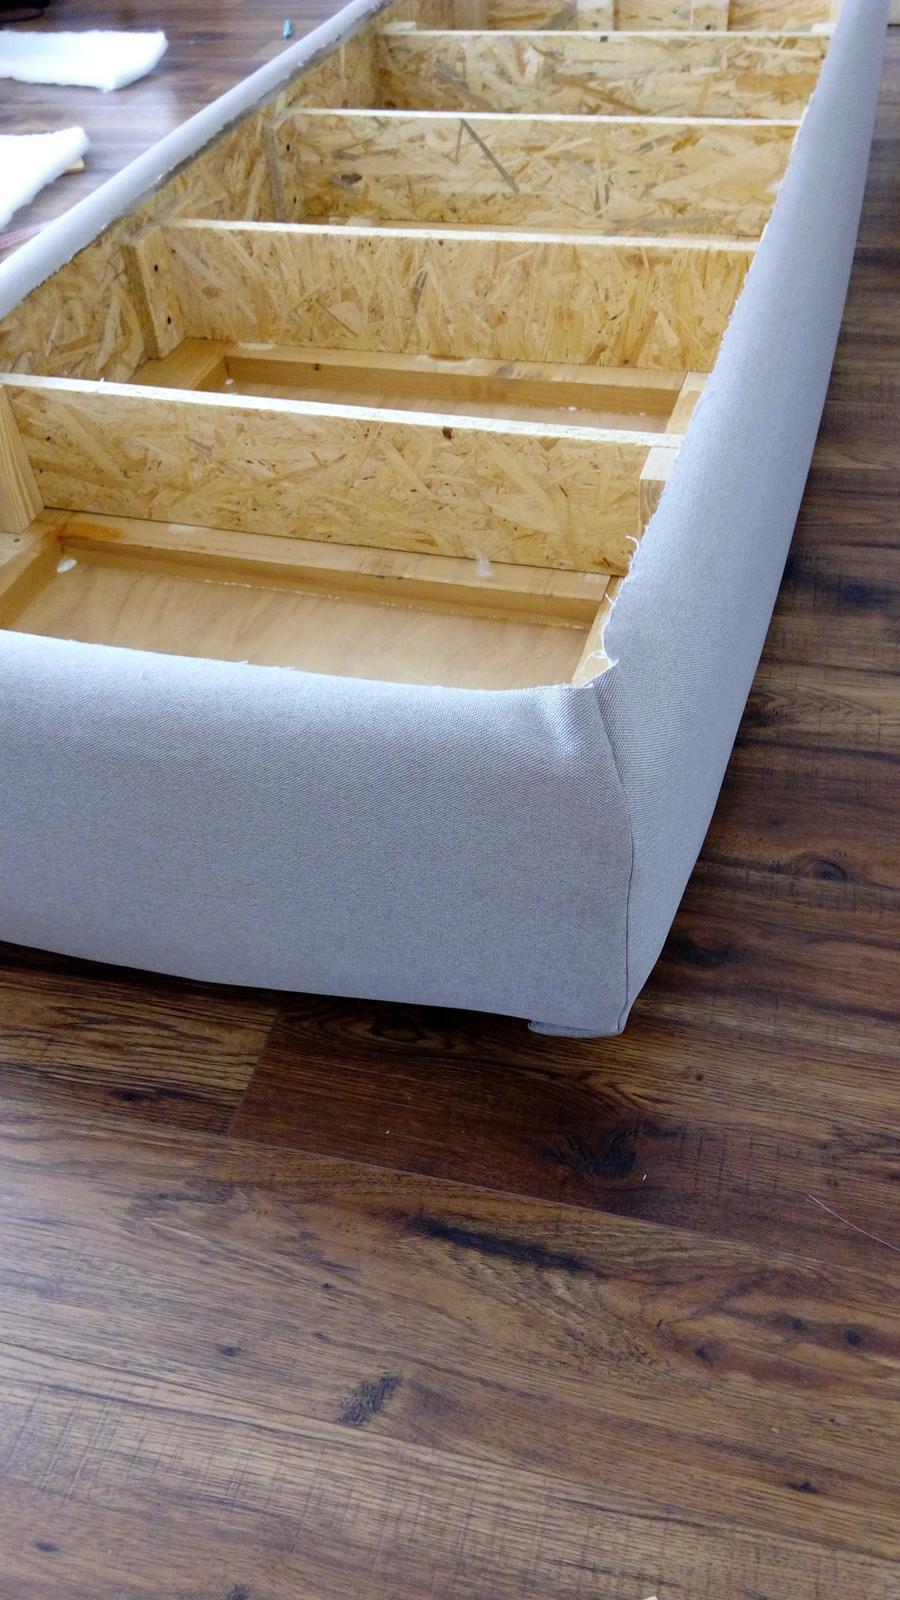 Leňoška, taburetka....alebo ako si to kto nazve ;) - navlečený diel na OSB doske a rúne....teraz ho treba spinkovačkou popricvakávať